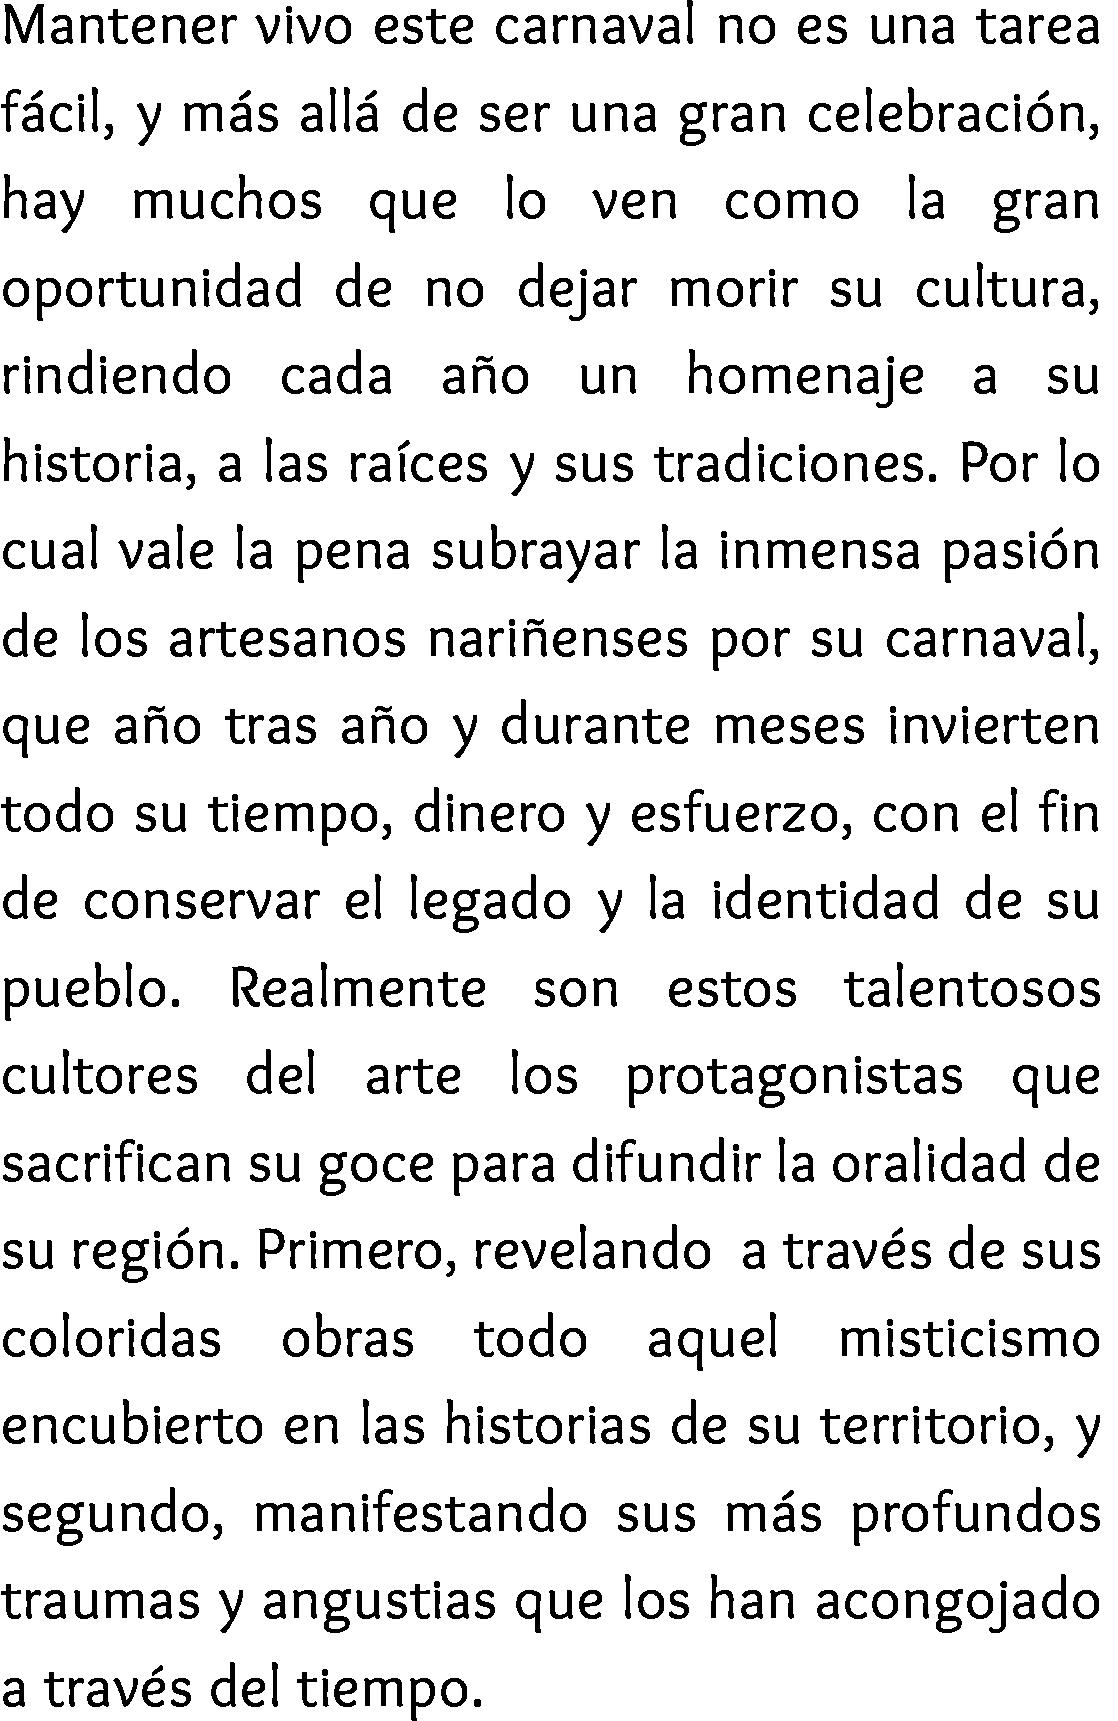 texto2pasto.png